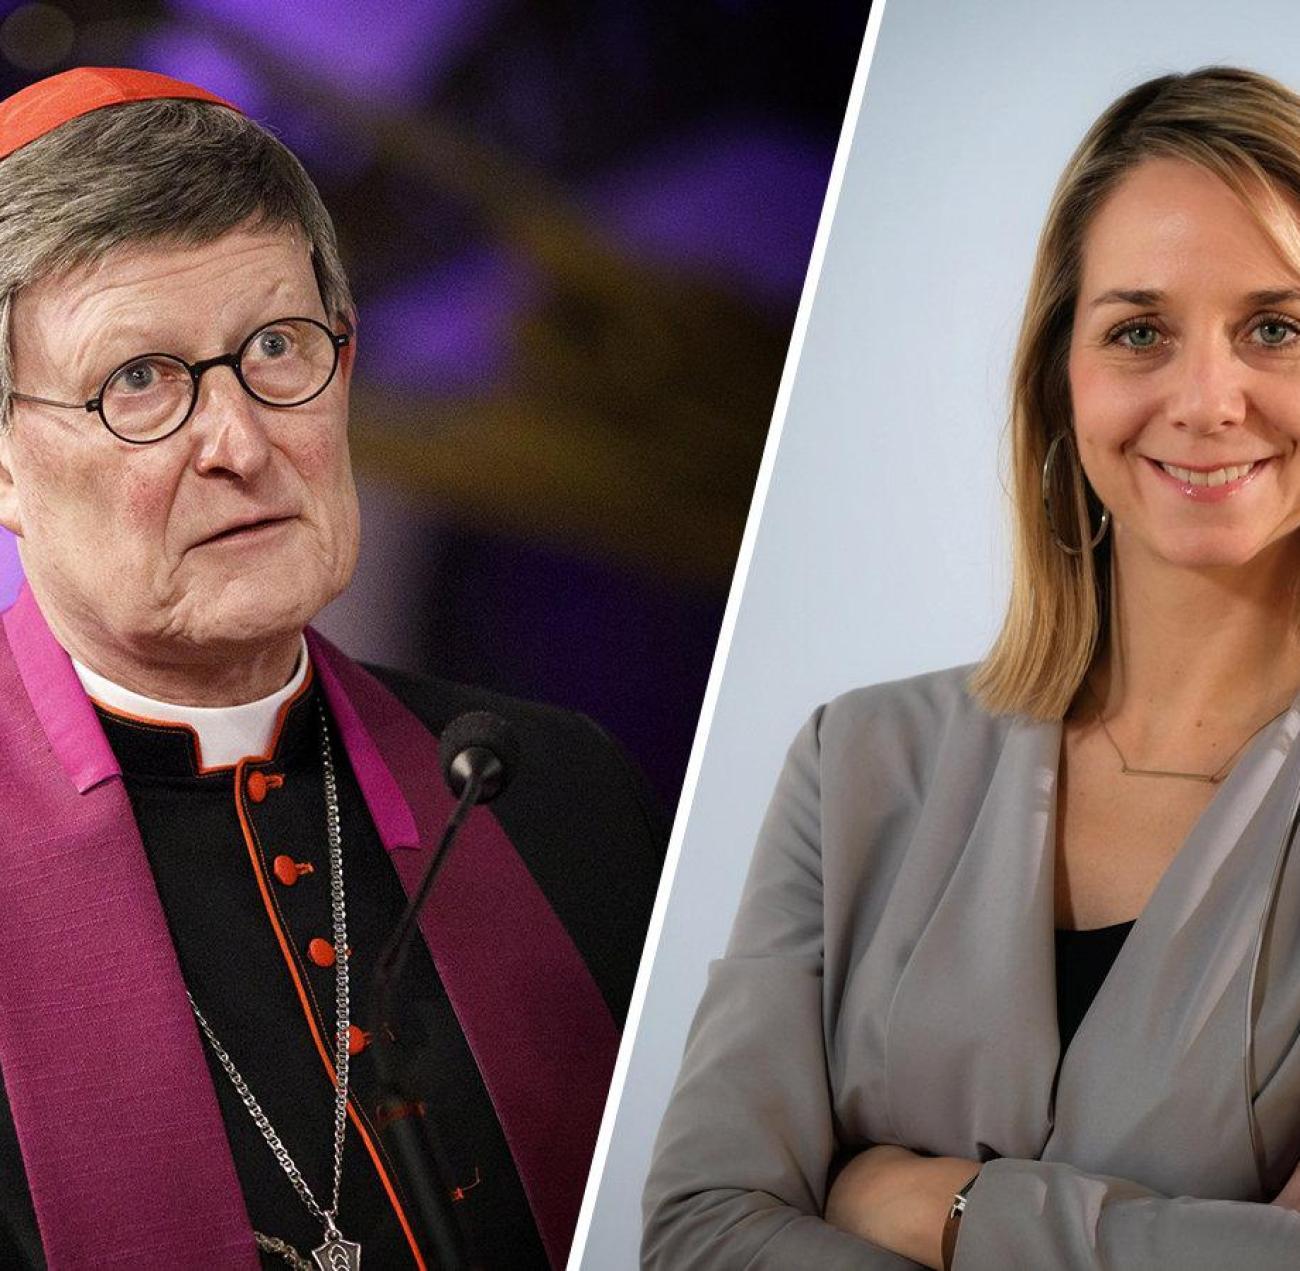 Allerdings muss woelki eine längere auszeit nehmen. Kardinal Woelki Warum Tritt Kolns Erzbischof Nicht Ab Welt